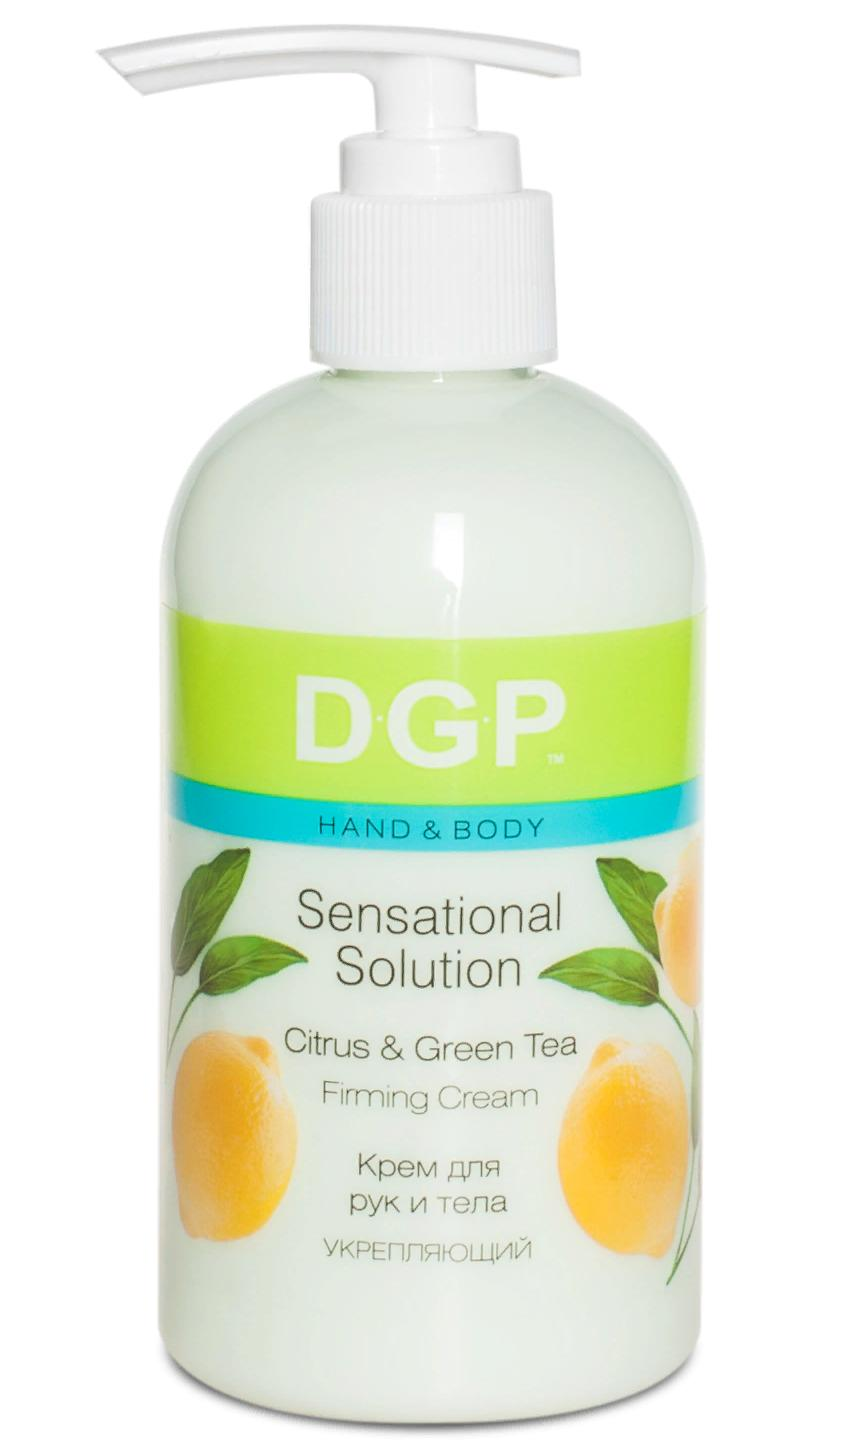 """DOMIX Крем для рук и тела """"Sensational Solution"""" укрепляющий / DGP 260мл"""